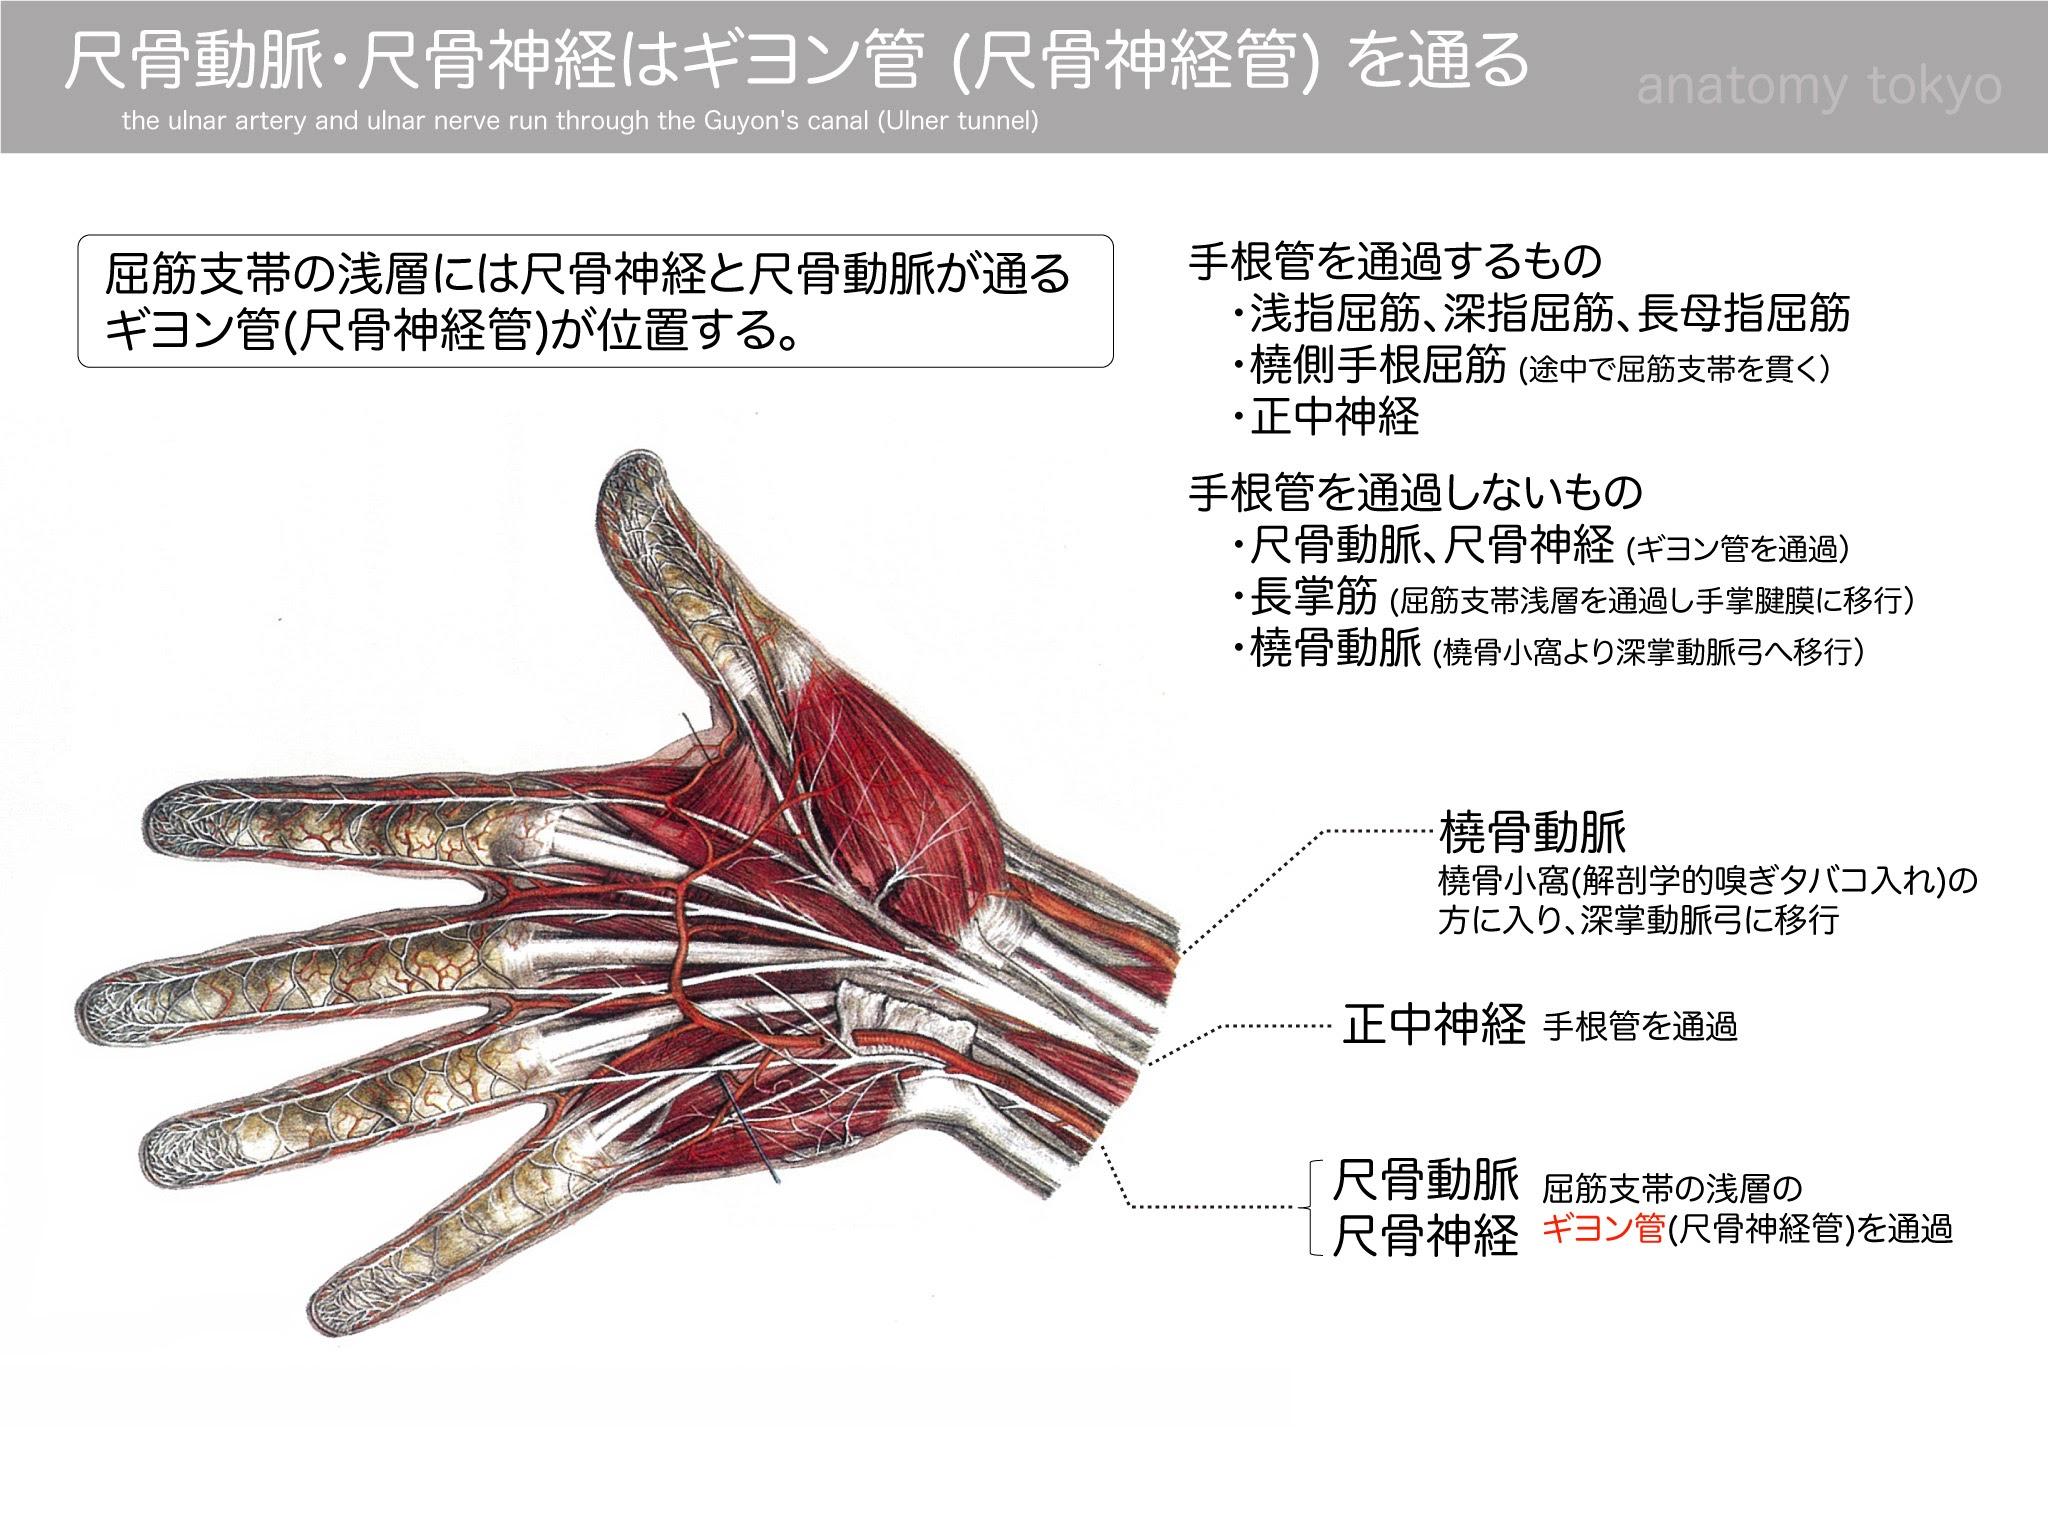 尺骨動脈・尺骨神経はギヨン管(尺骨神経管)を通る